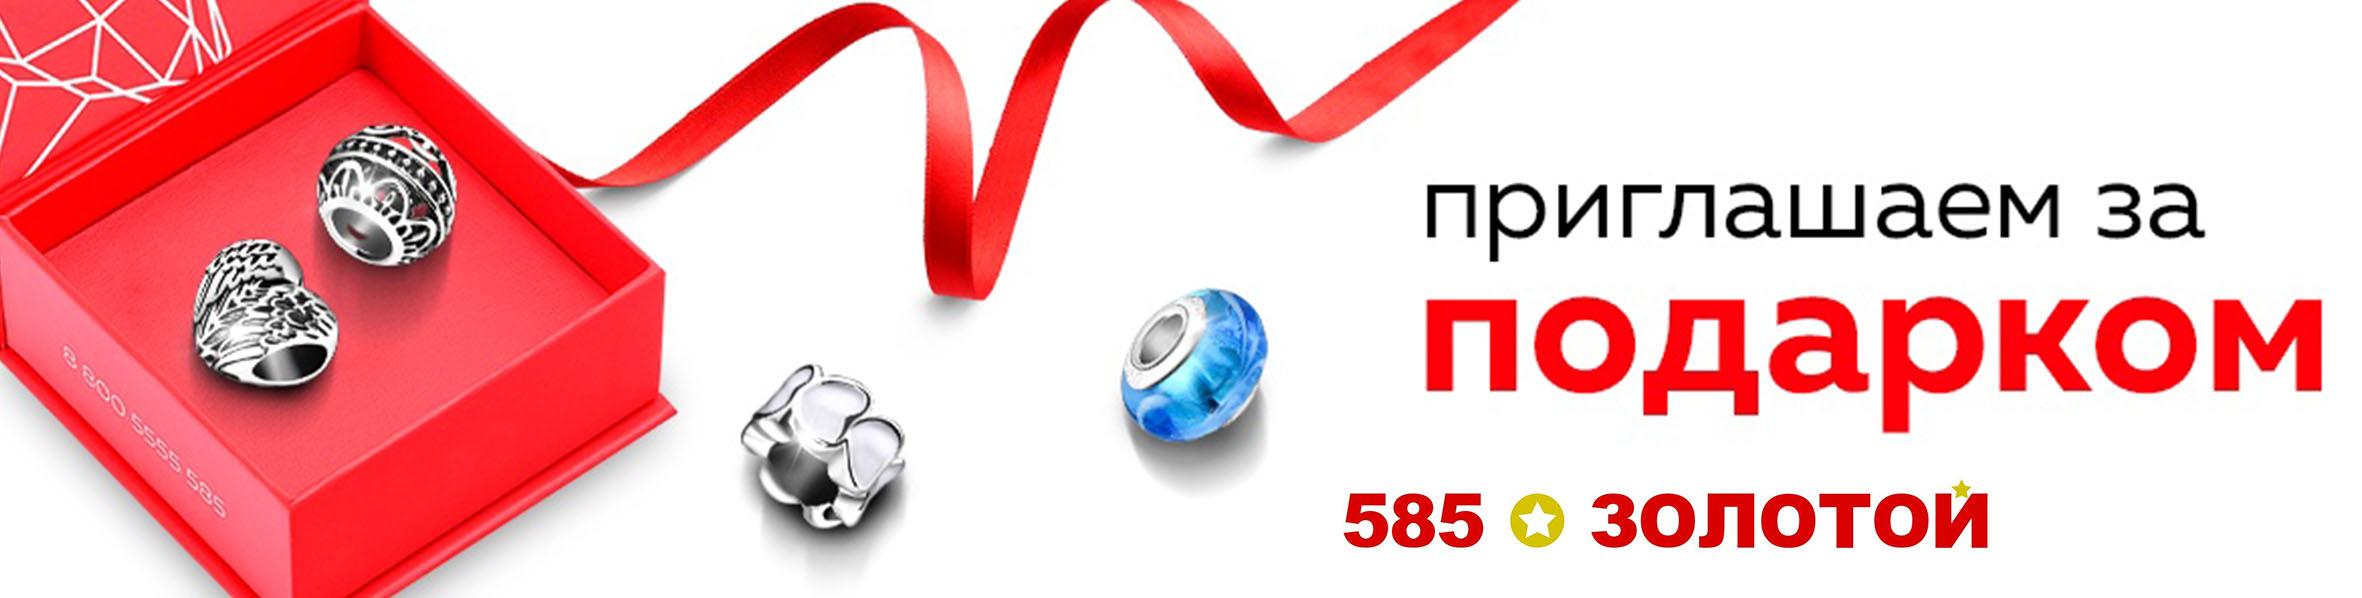 Ювелирная сеть 585 реклама